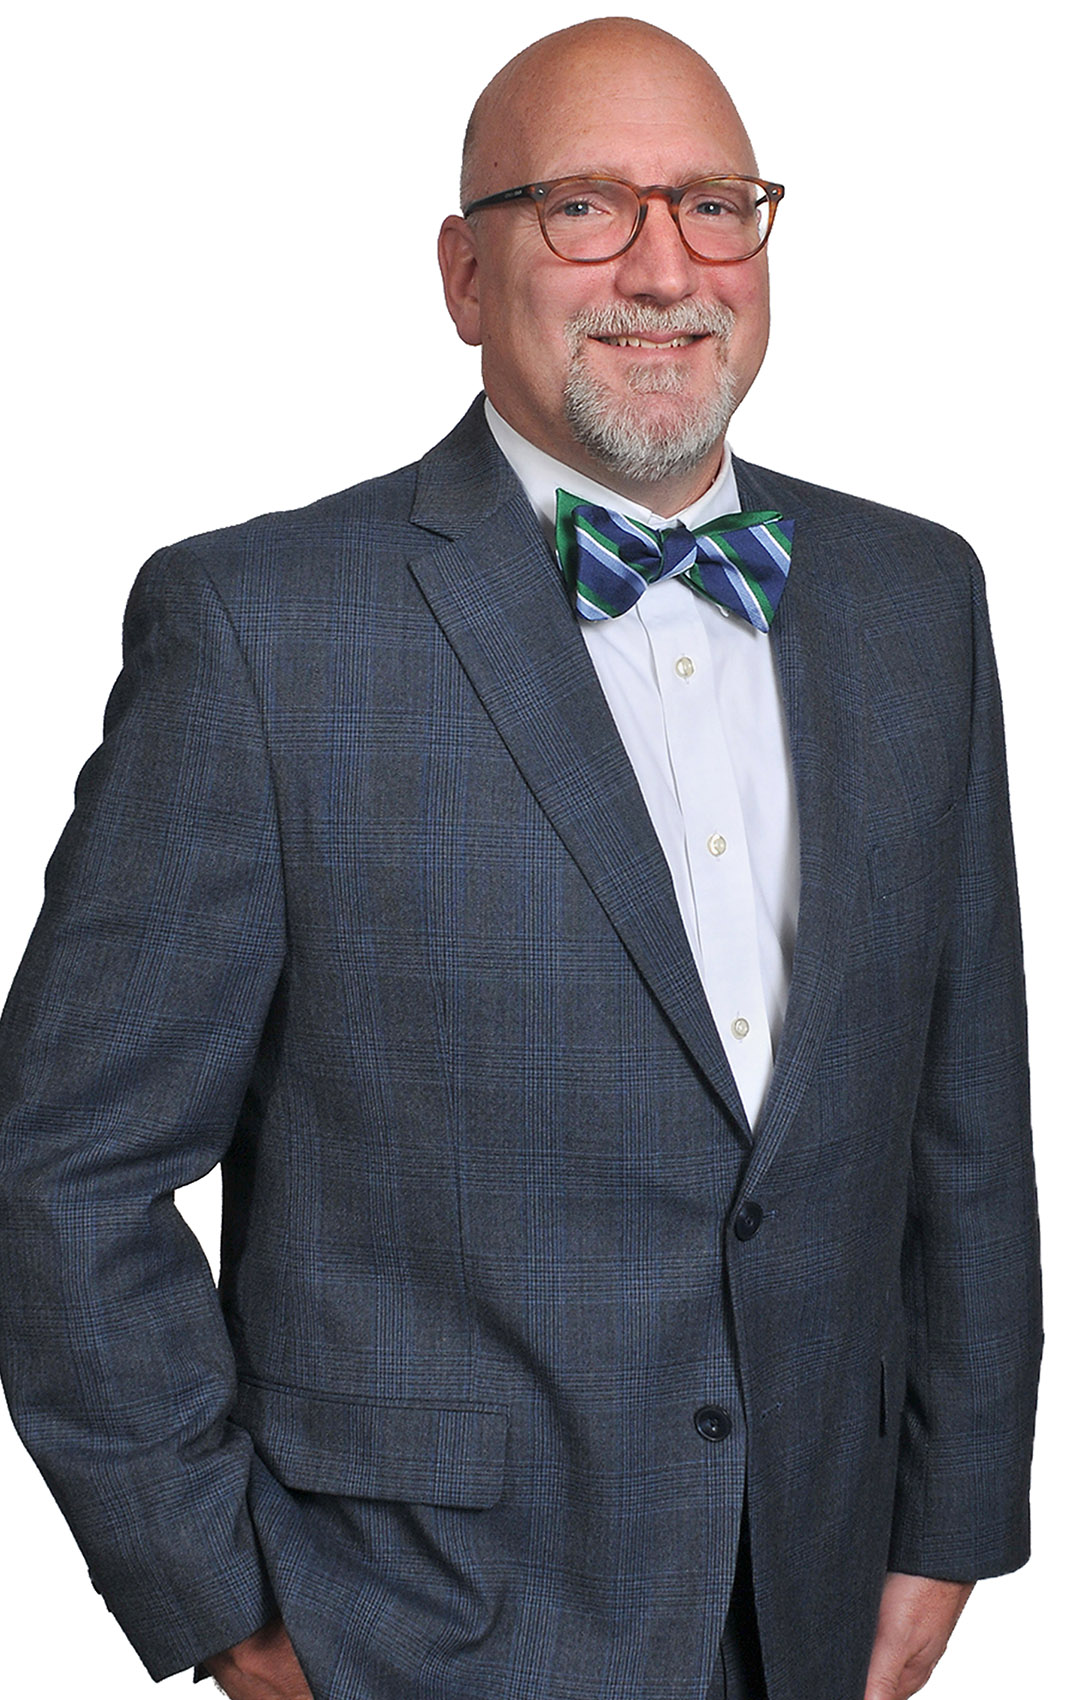 Kevin Mekler